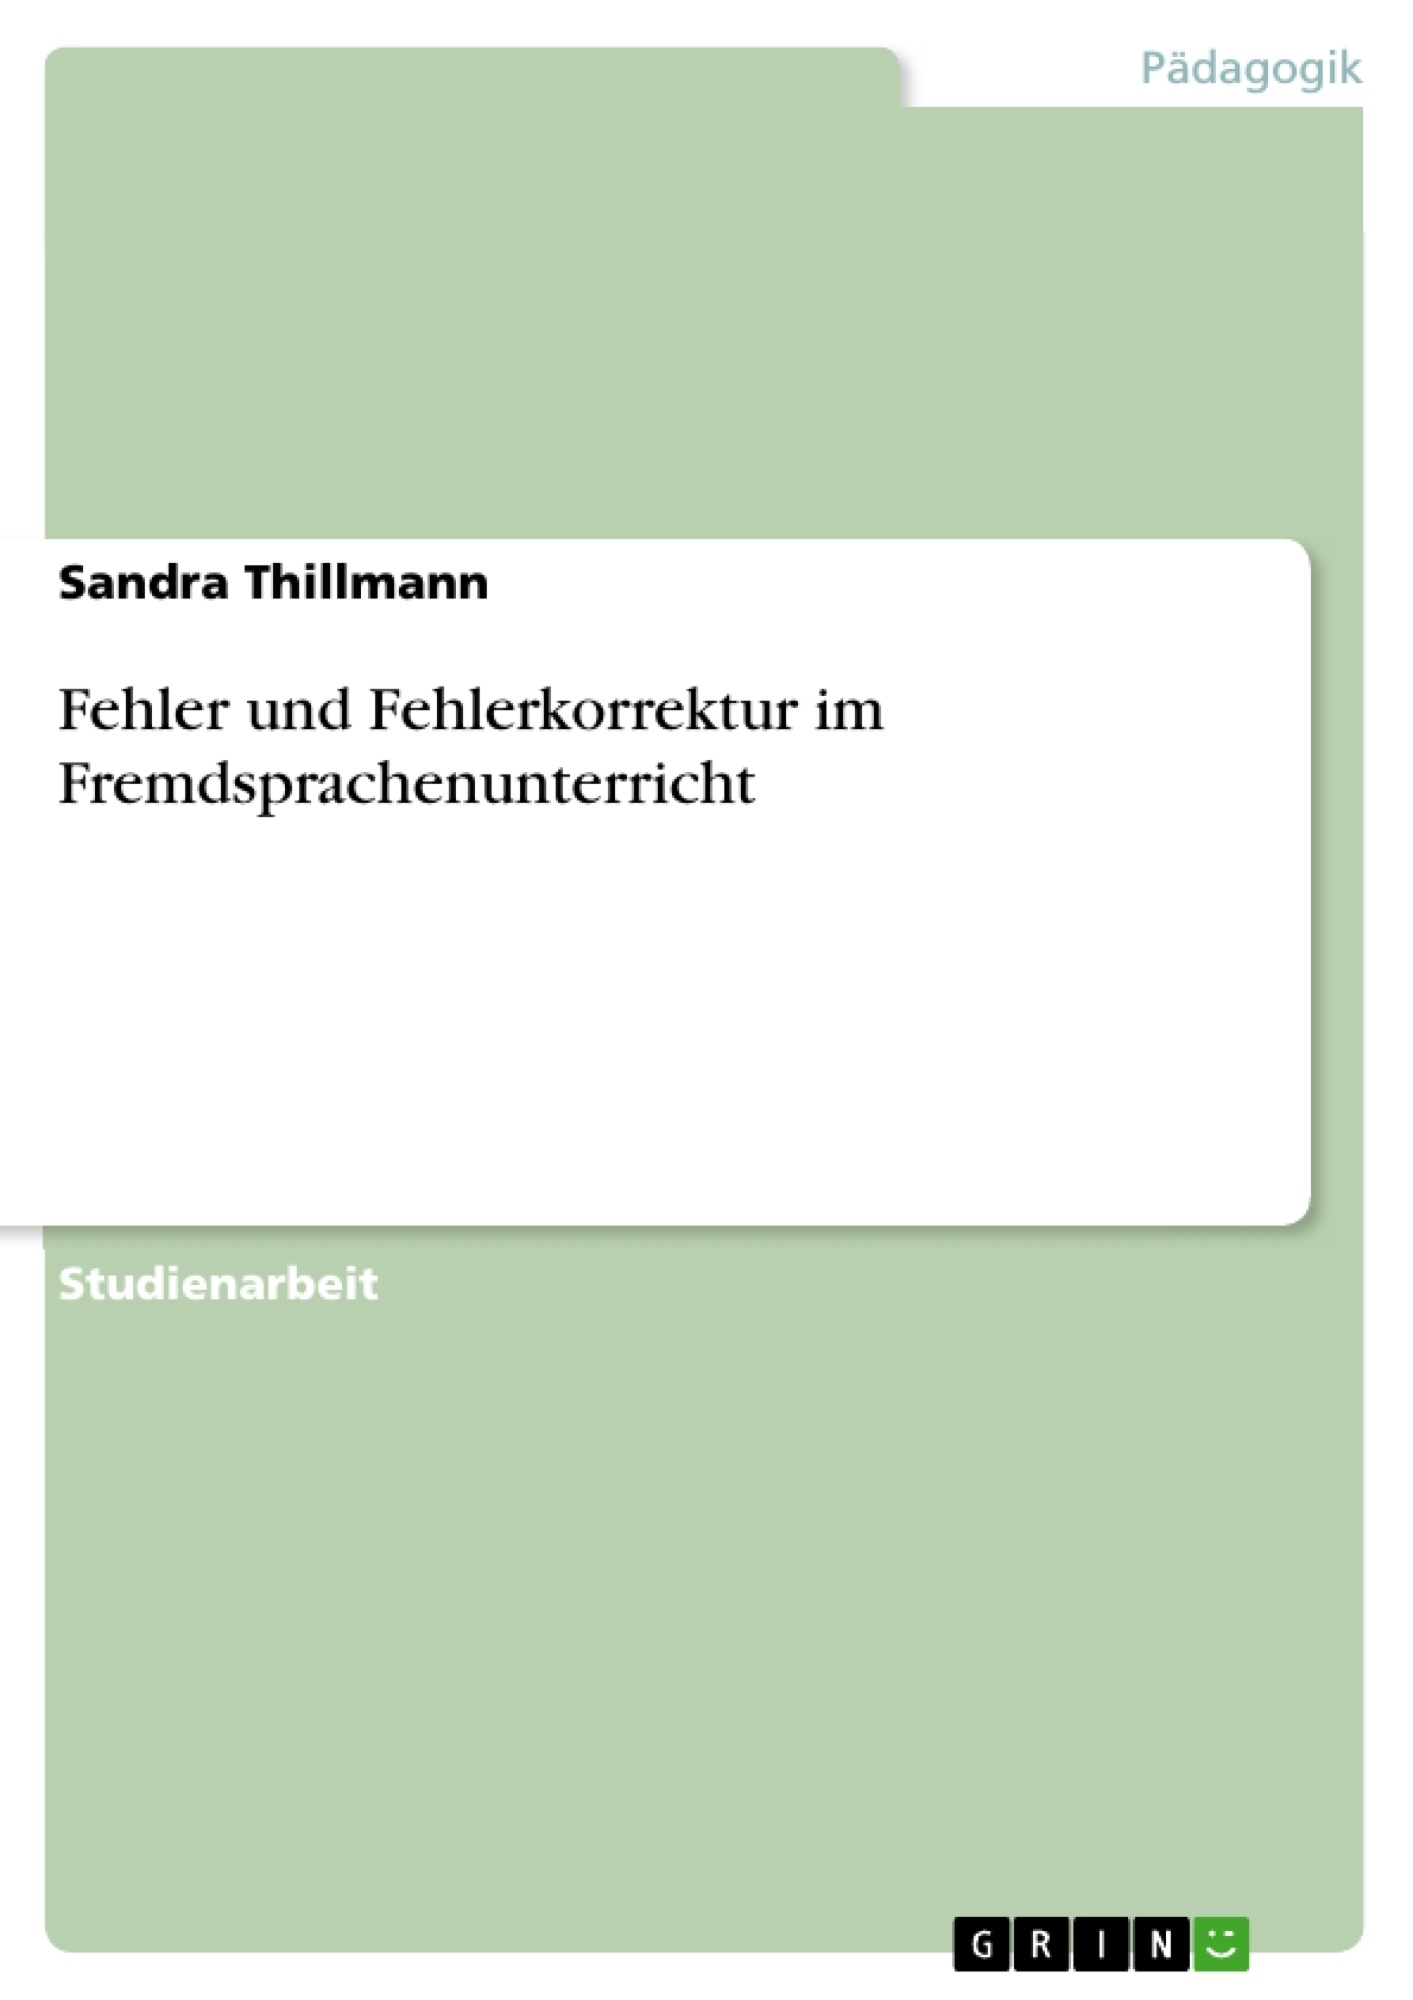 Titel: Fehler und Fehlerkorrektur im Fremdsprachenunterricht